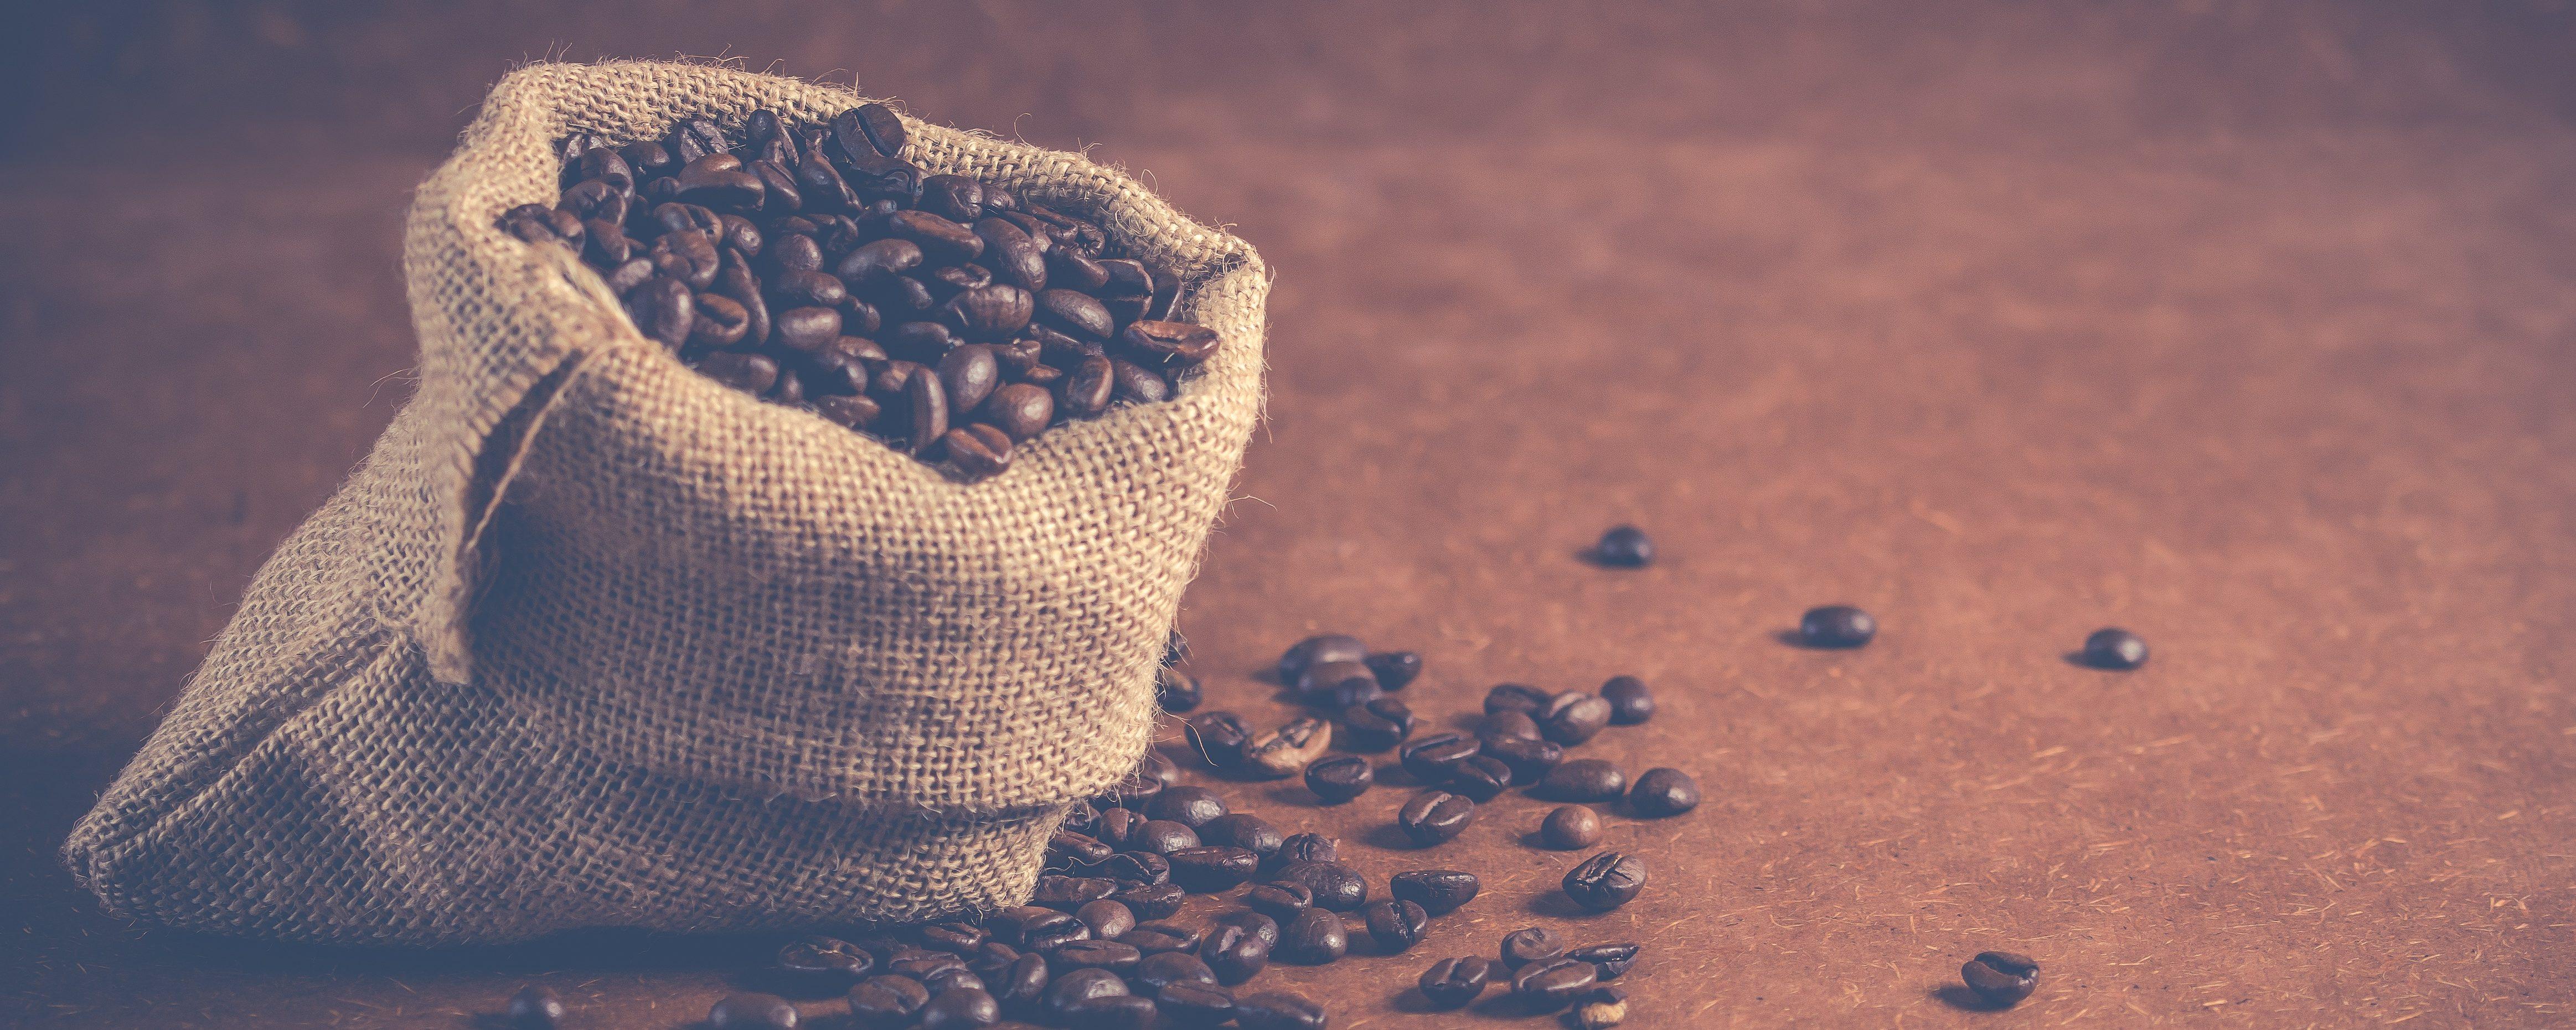 Ein kleines Säcklein mit gerösteten Kaffeebohnen steht offen auf einer braunen Unterlage.